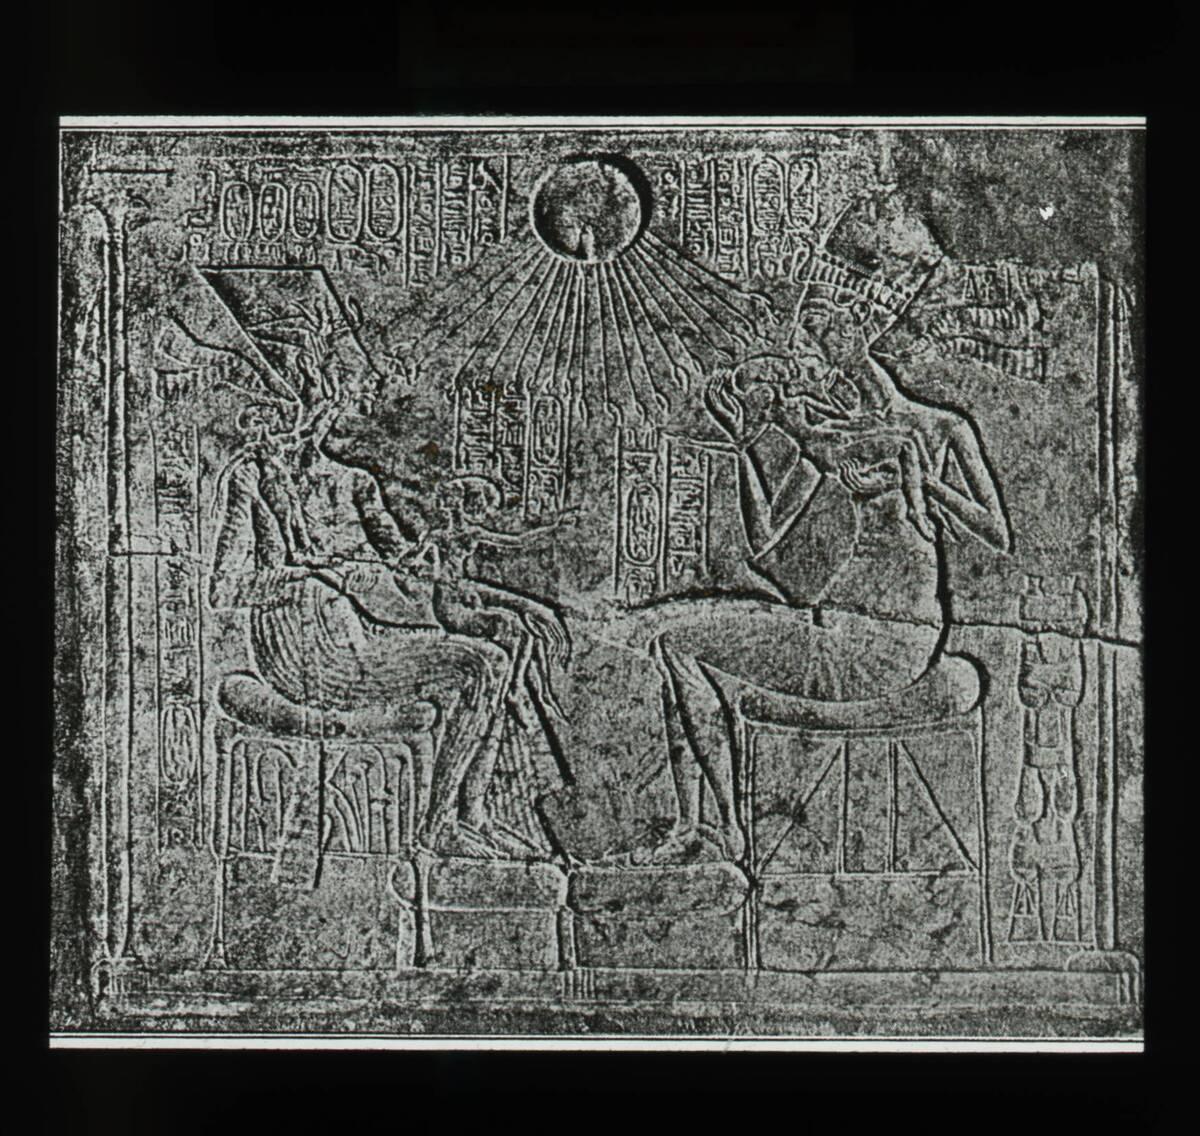 Echnaton und Nofretete mit ihren Kindern (vom Bearbeiter vergebener Titel) von Anonym